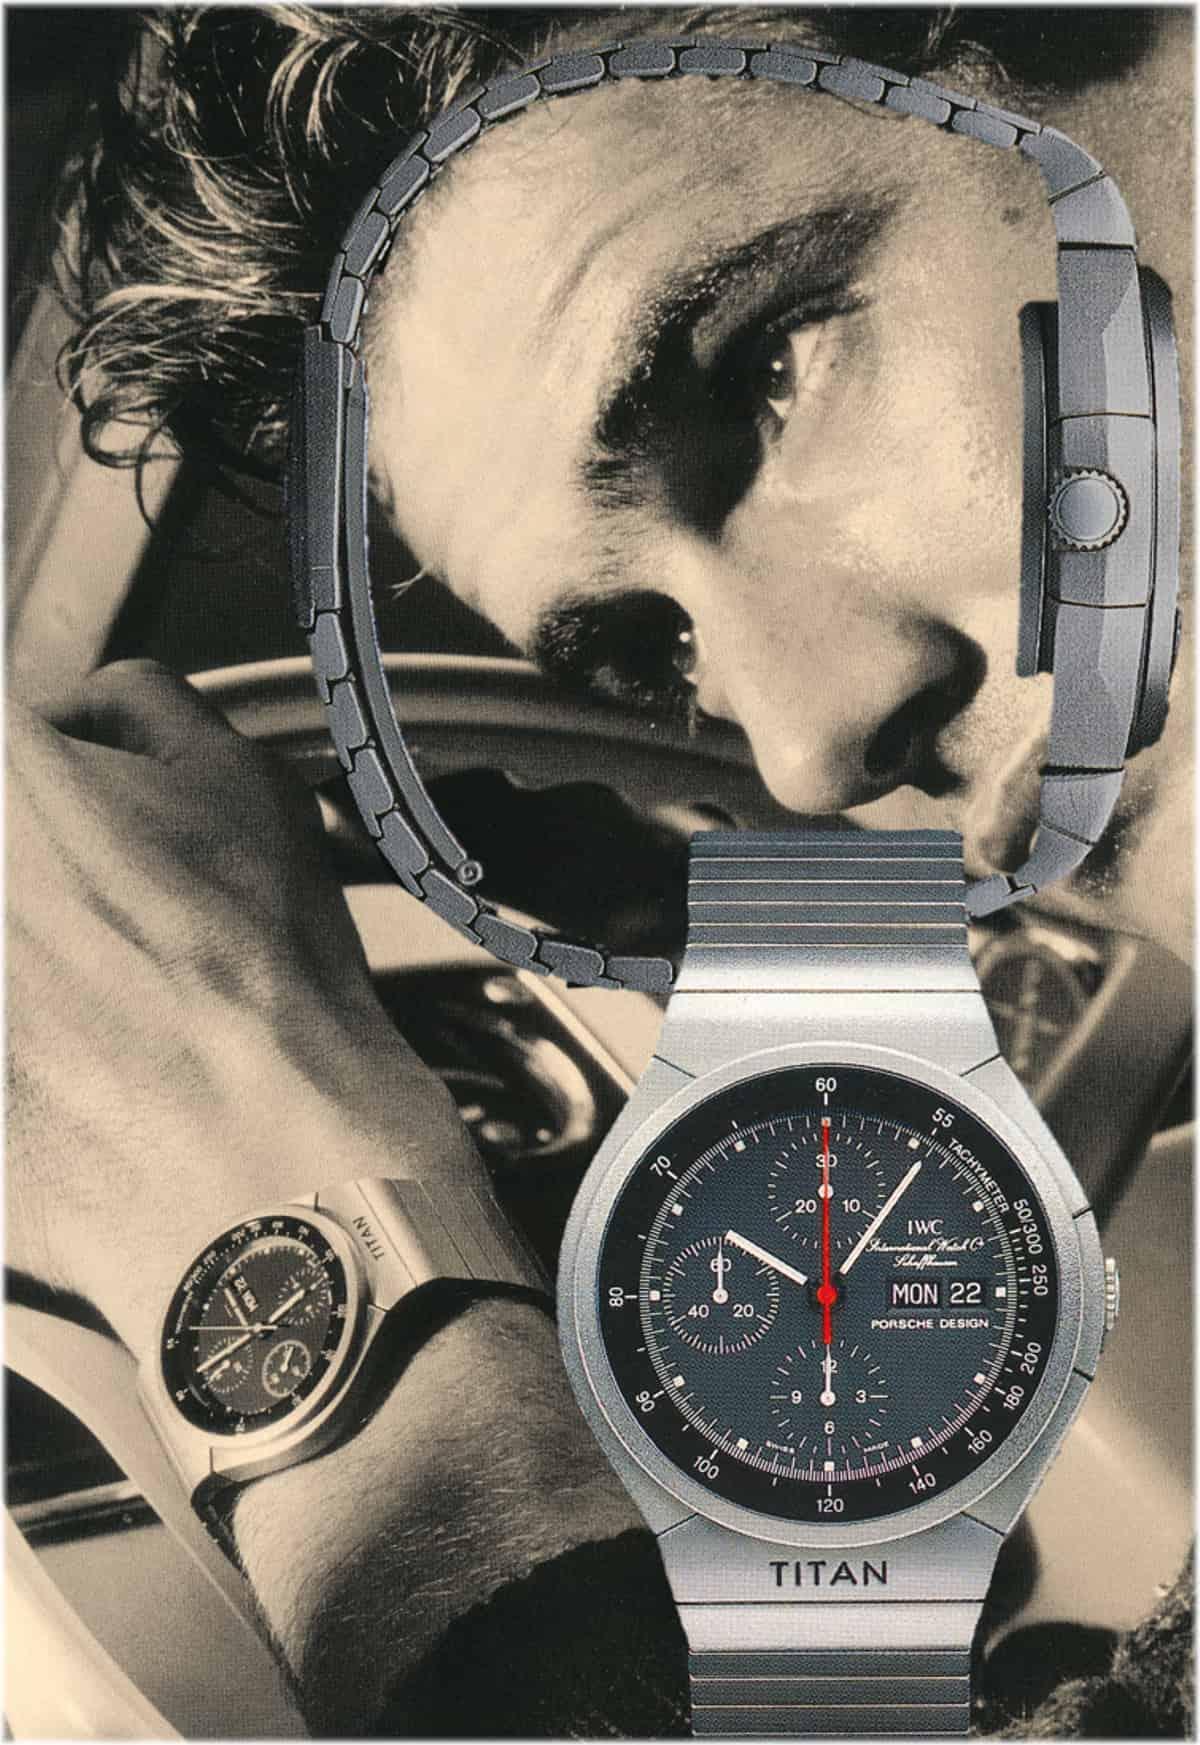 IWC Porsche Design Titan Chronograph Referenz 3702 von 1080